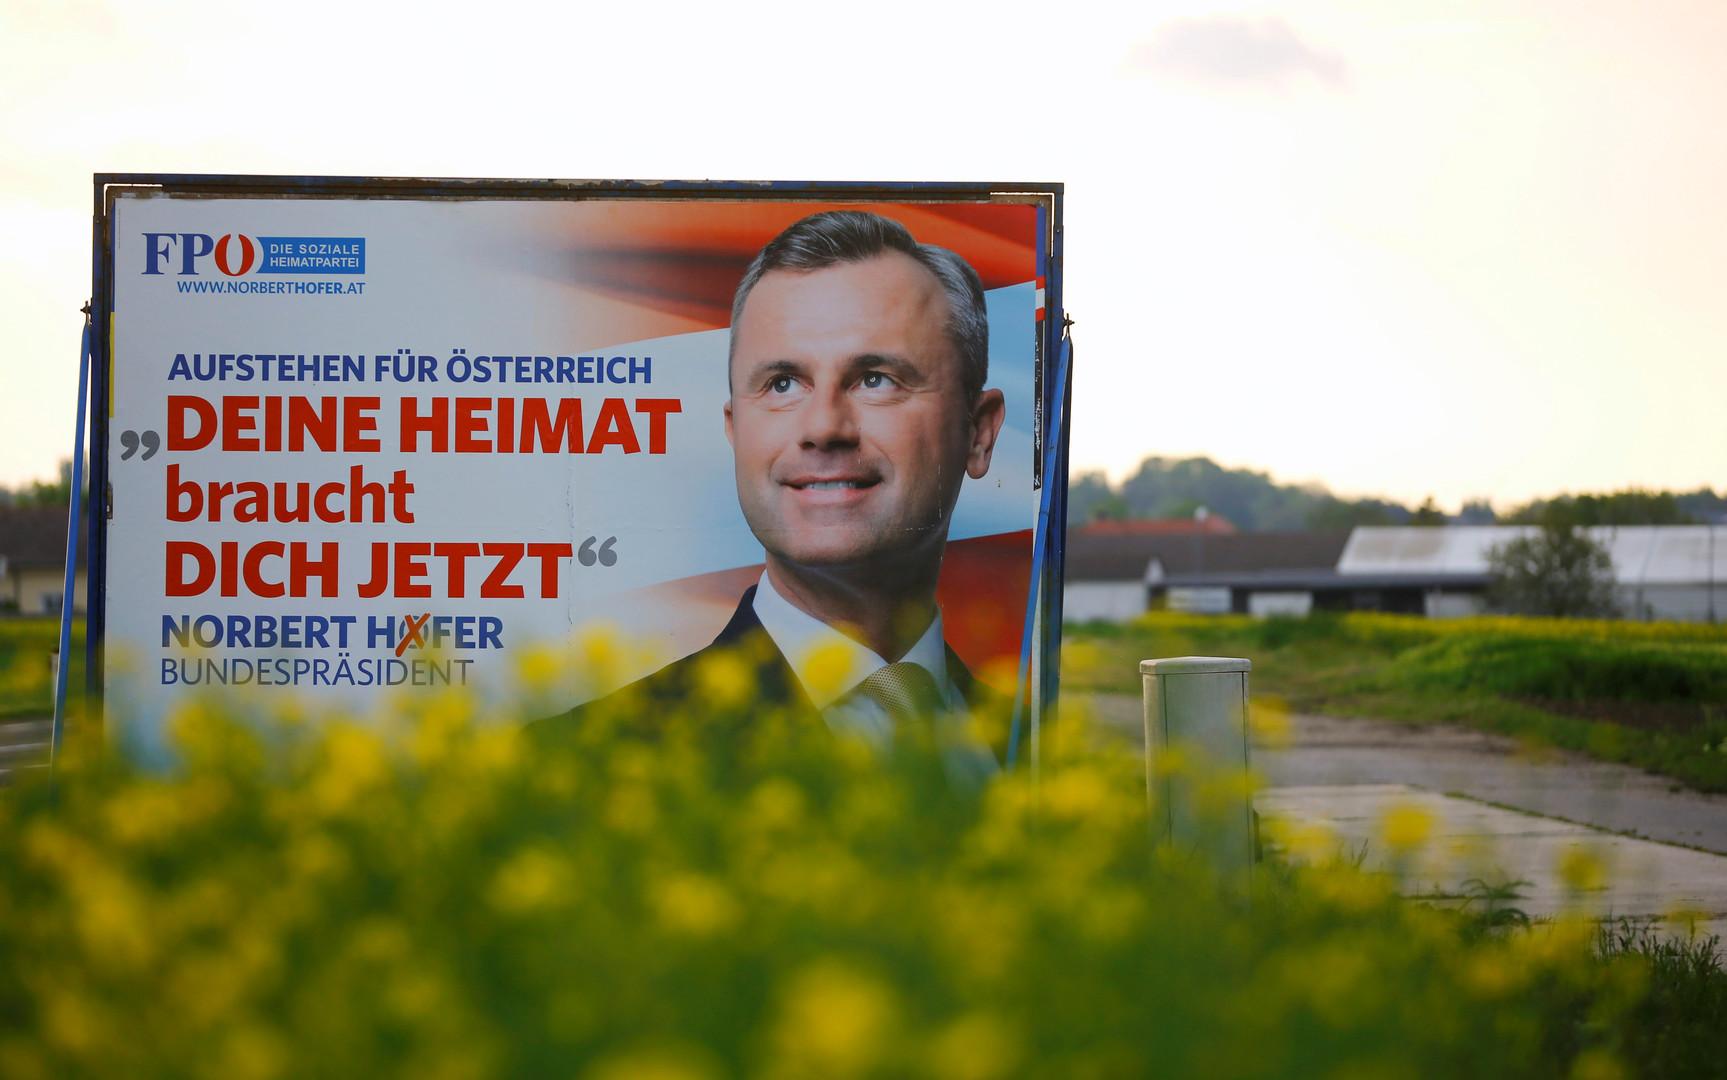 Autriche : l'extrême droite aux portes du pouvoir, selon les premières estimations